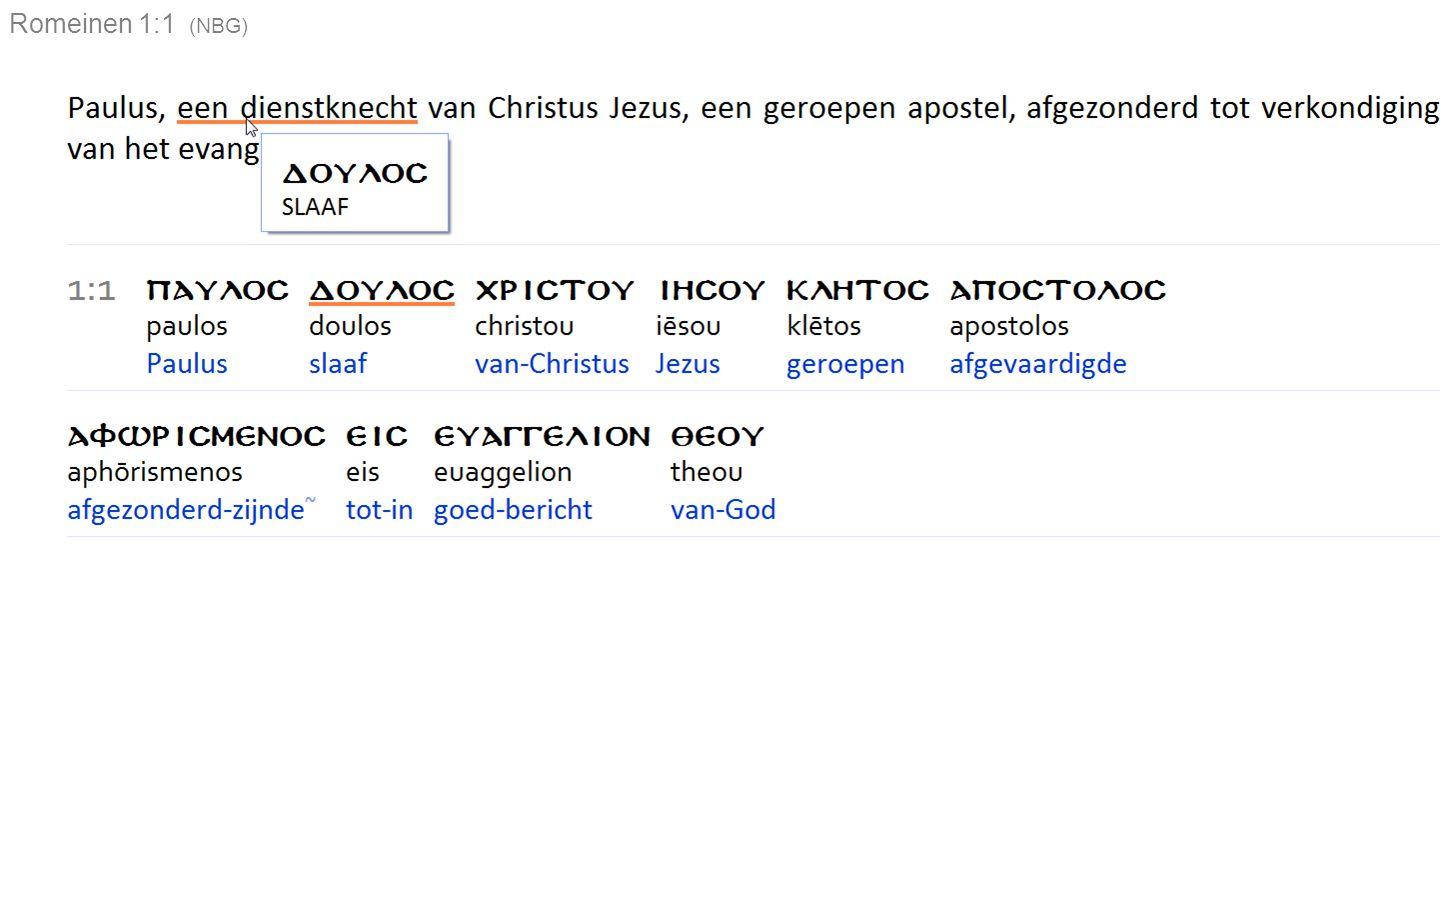 Conclusies : De definitie van het woordenboek Koenen voor eeuwigheid past niet op de definitie van de Studiebijbel.